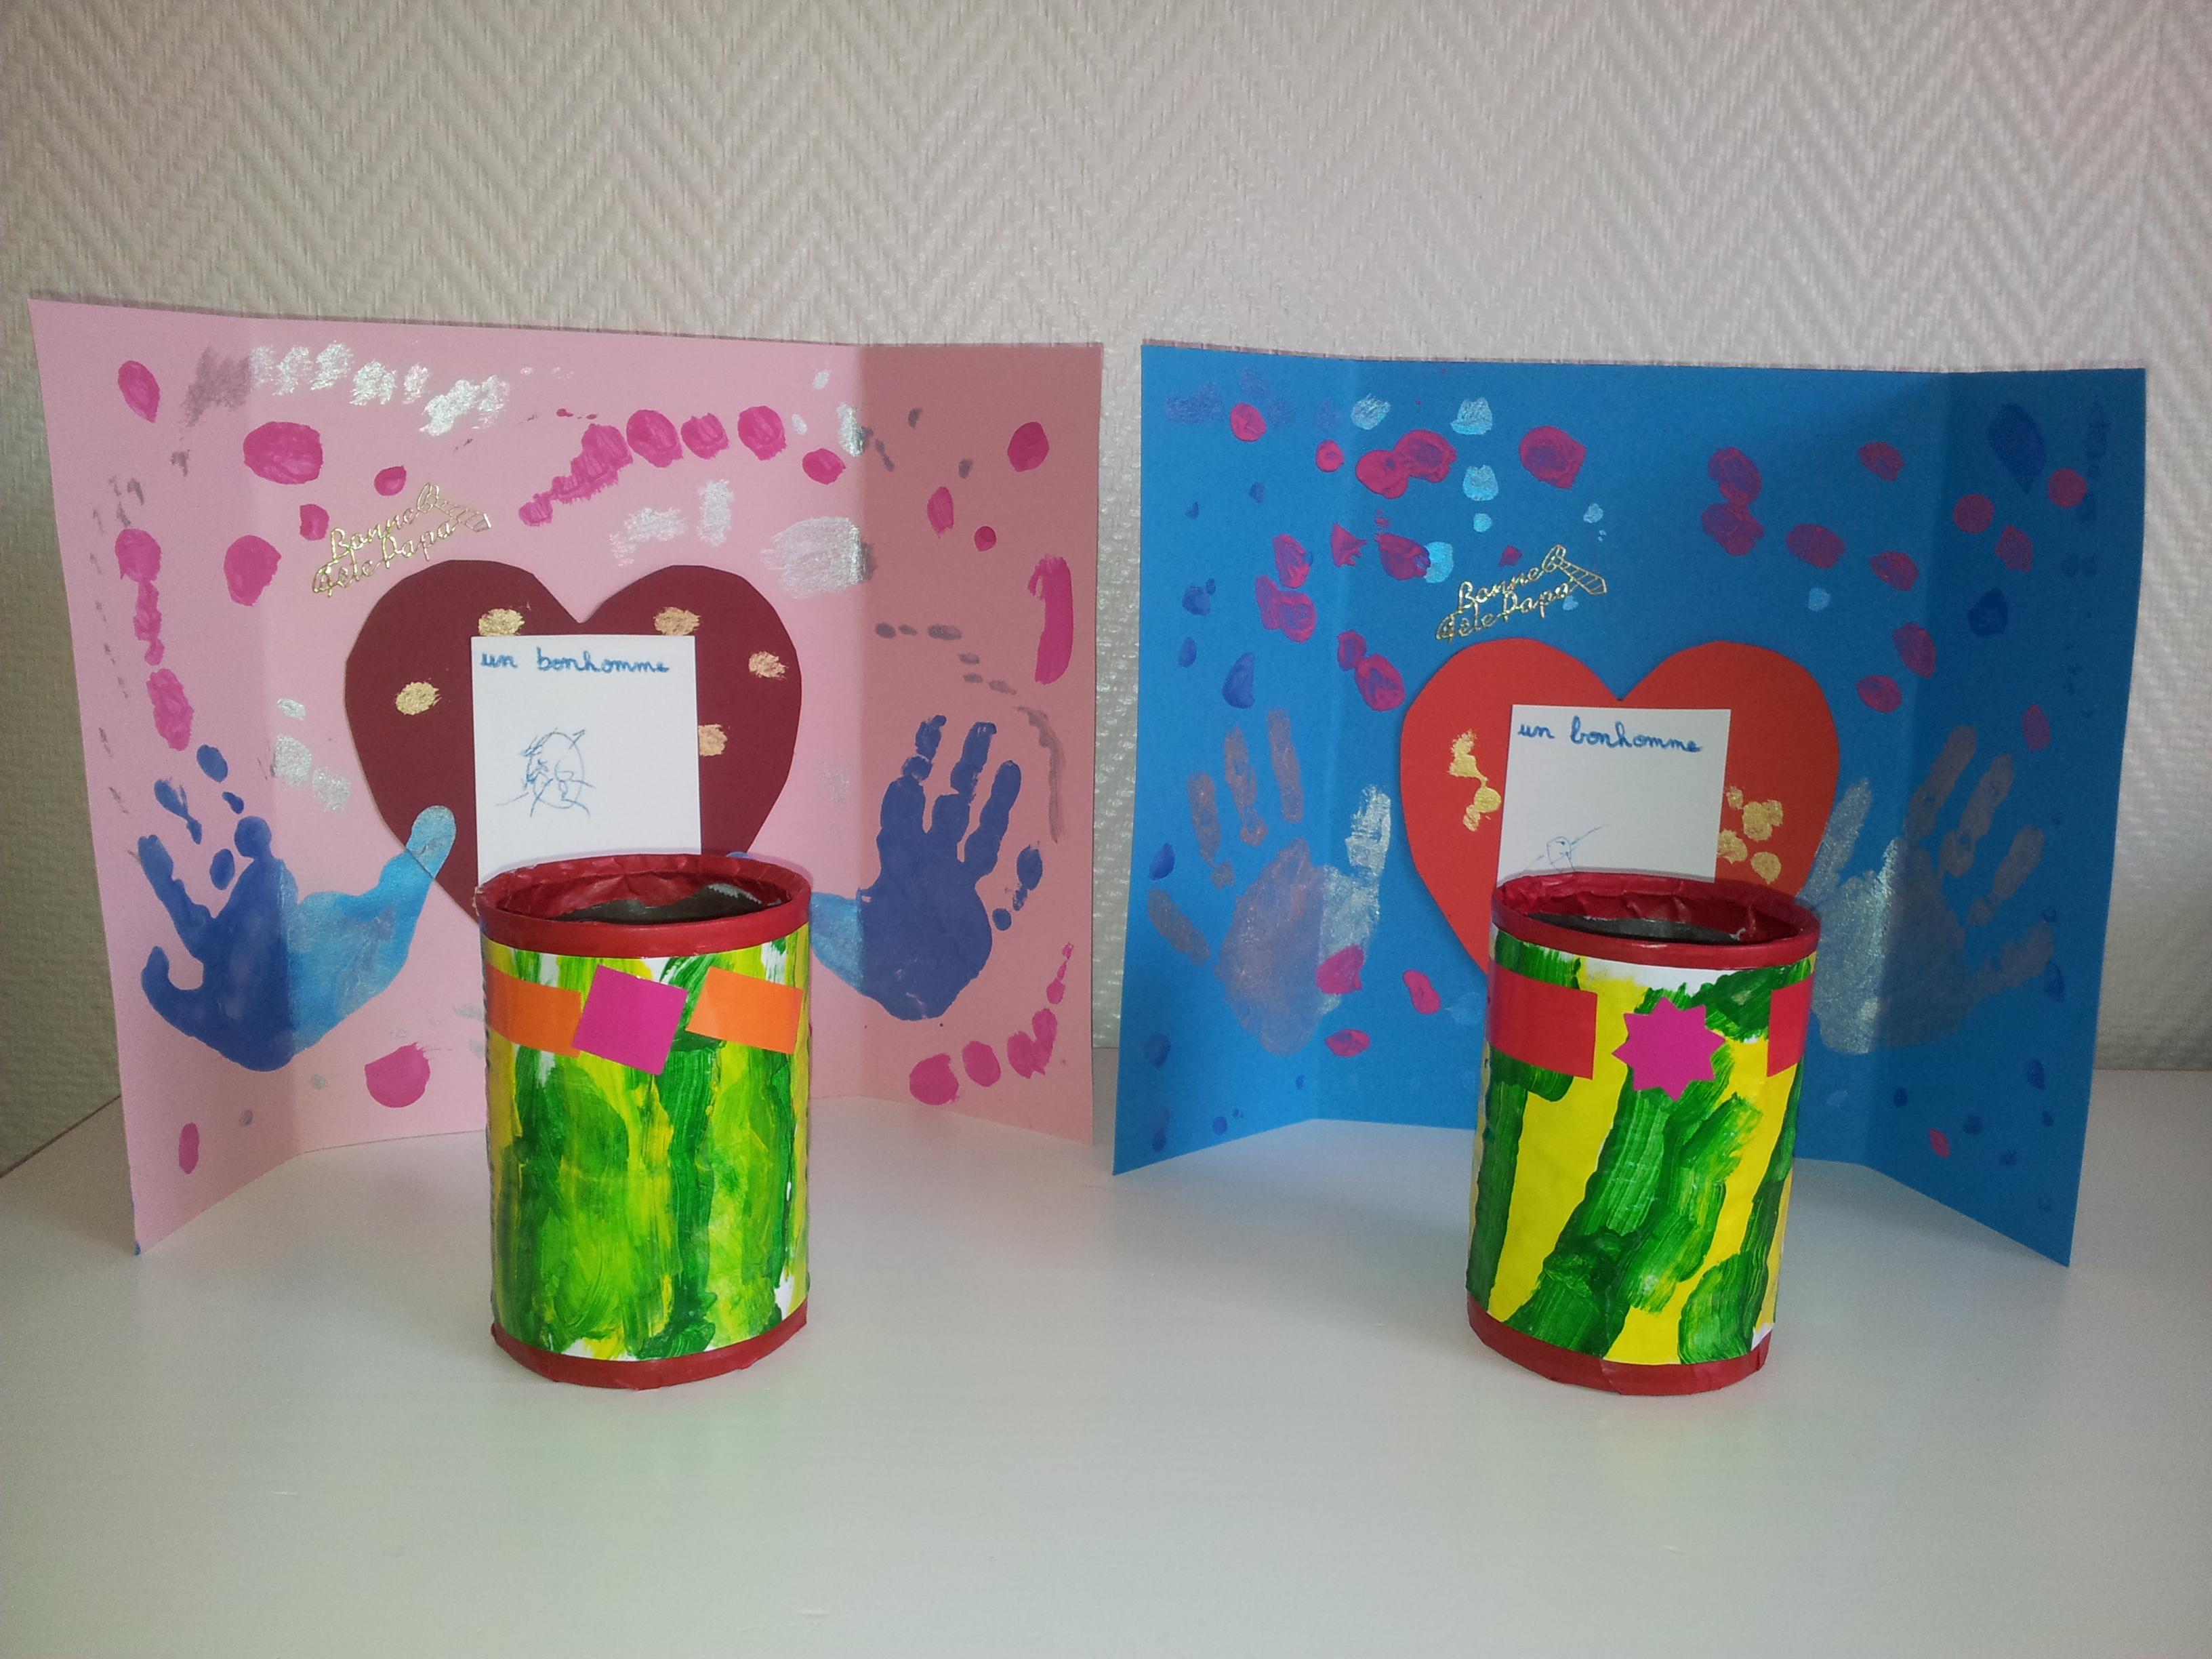 Cadeaux Fete Des Peres en ce qui concerne cadeaux fetes des peres - fashion designs